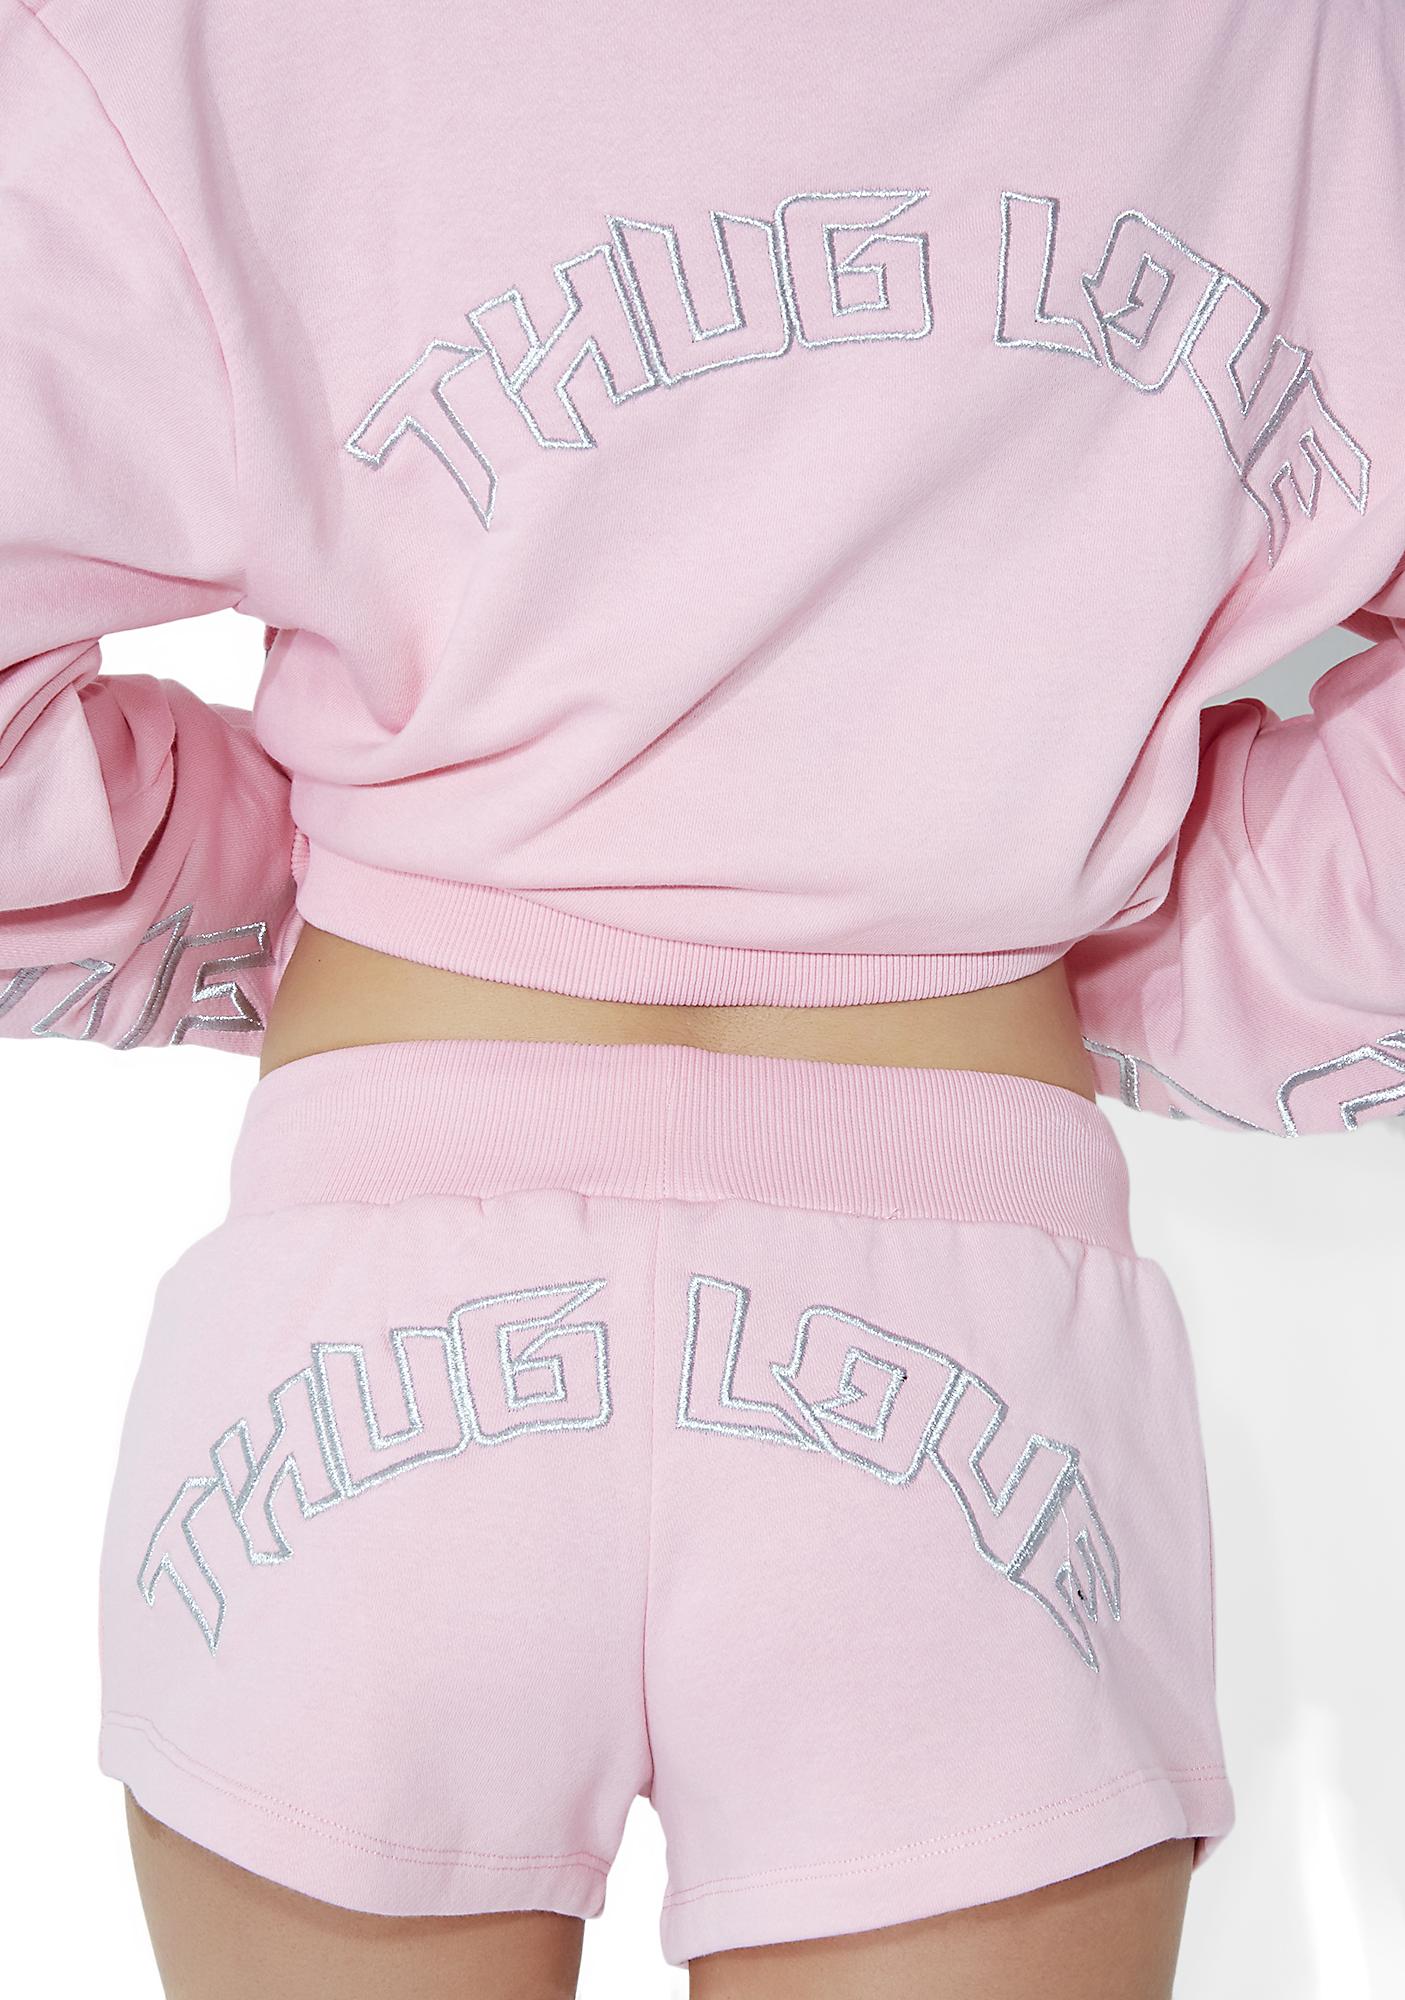 Illustrated People Thug Love Mini Shorts